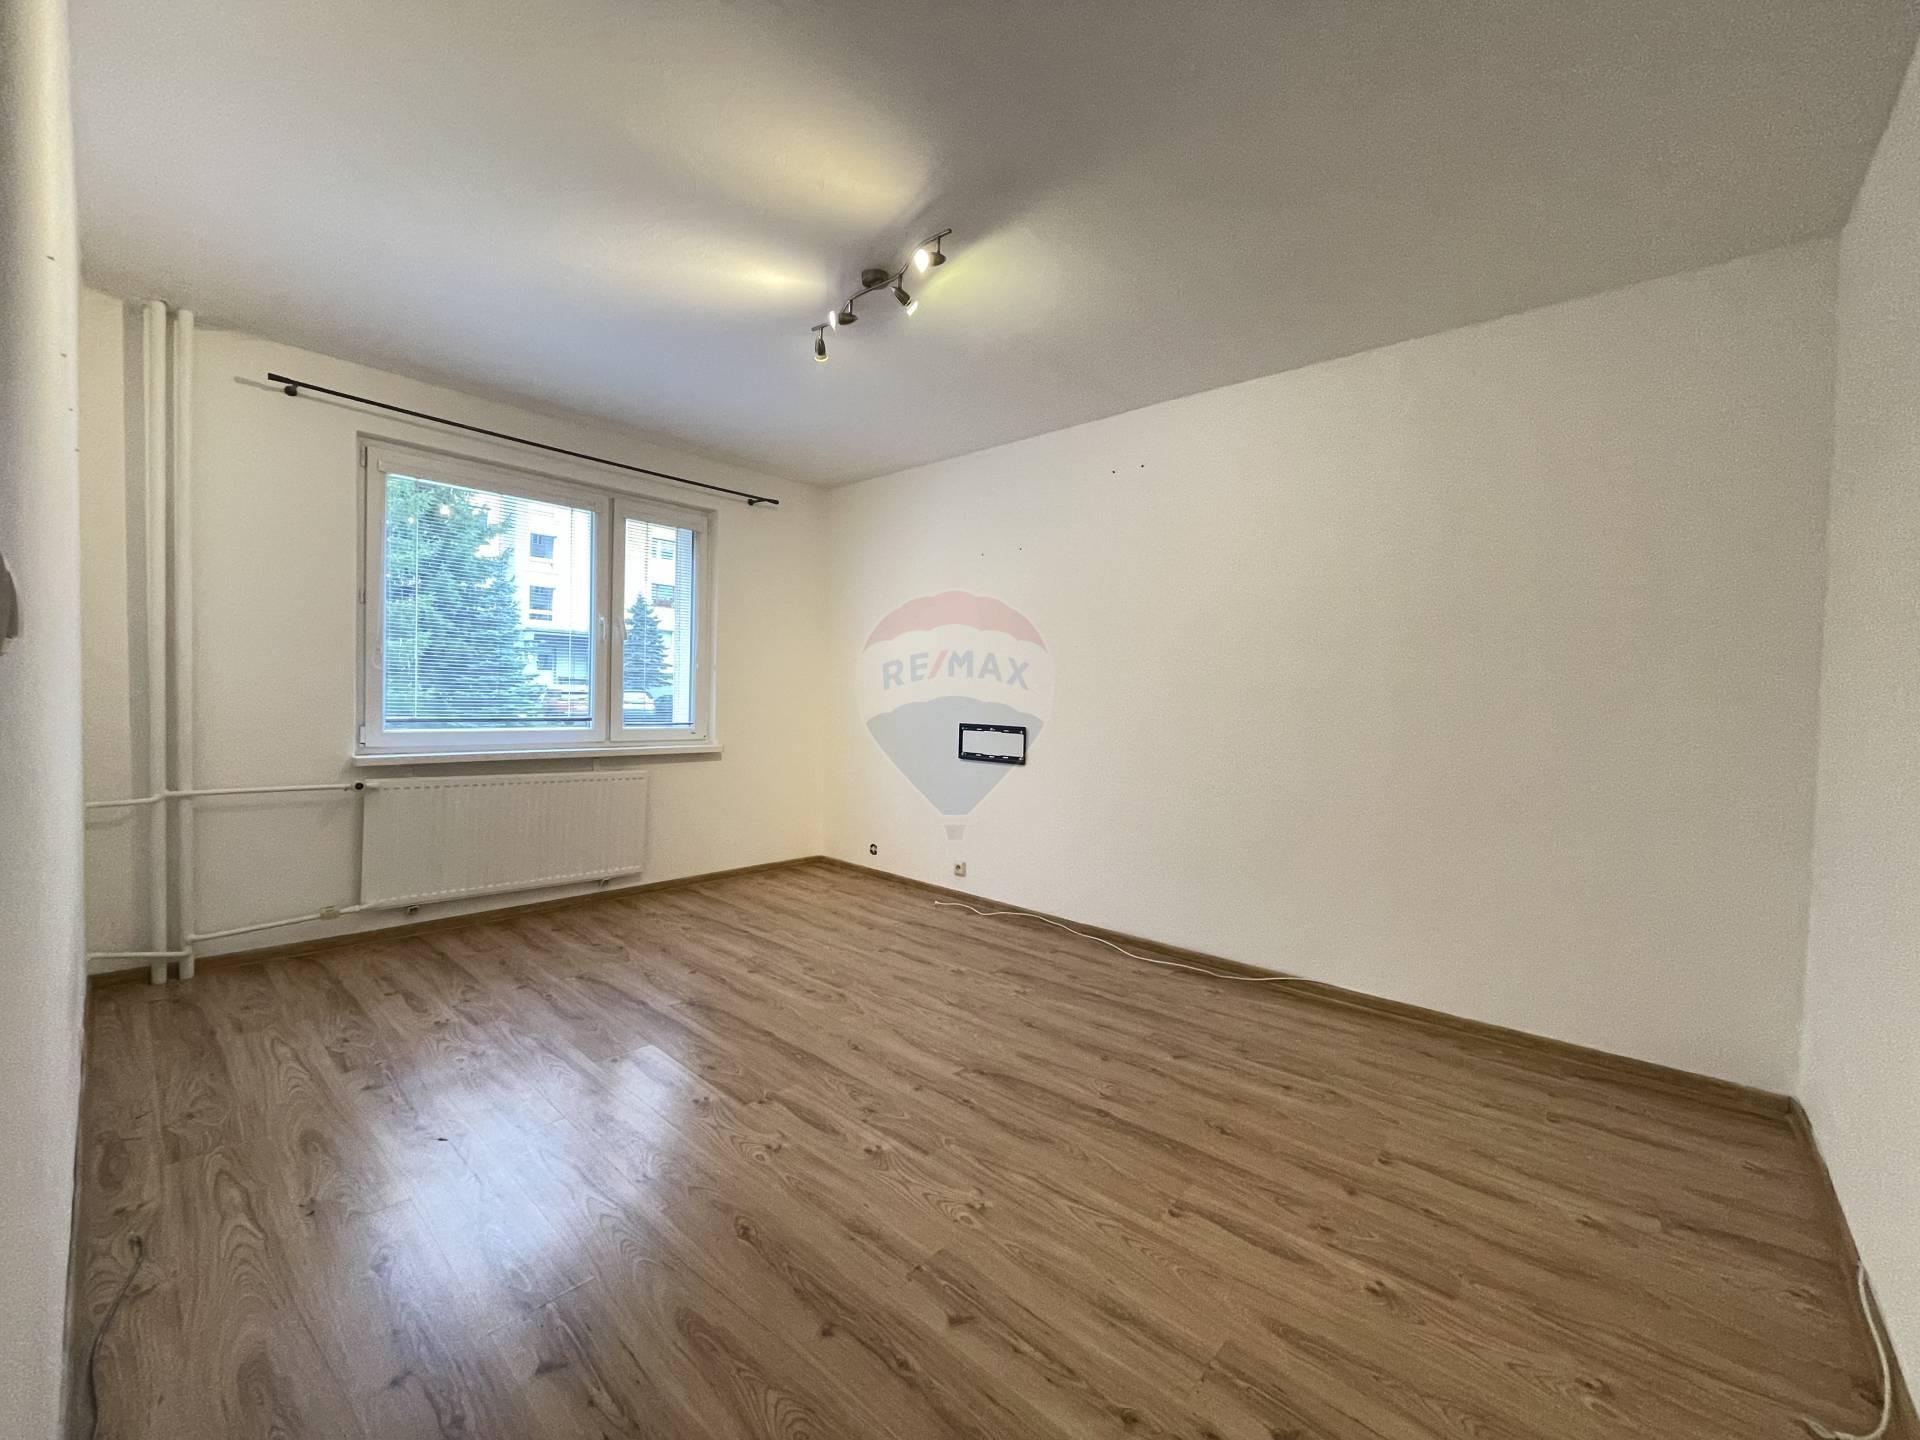 Prenájom bytu (1 izbový) 35 m2, Ružomberok - prenajom  byt RUzomberok